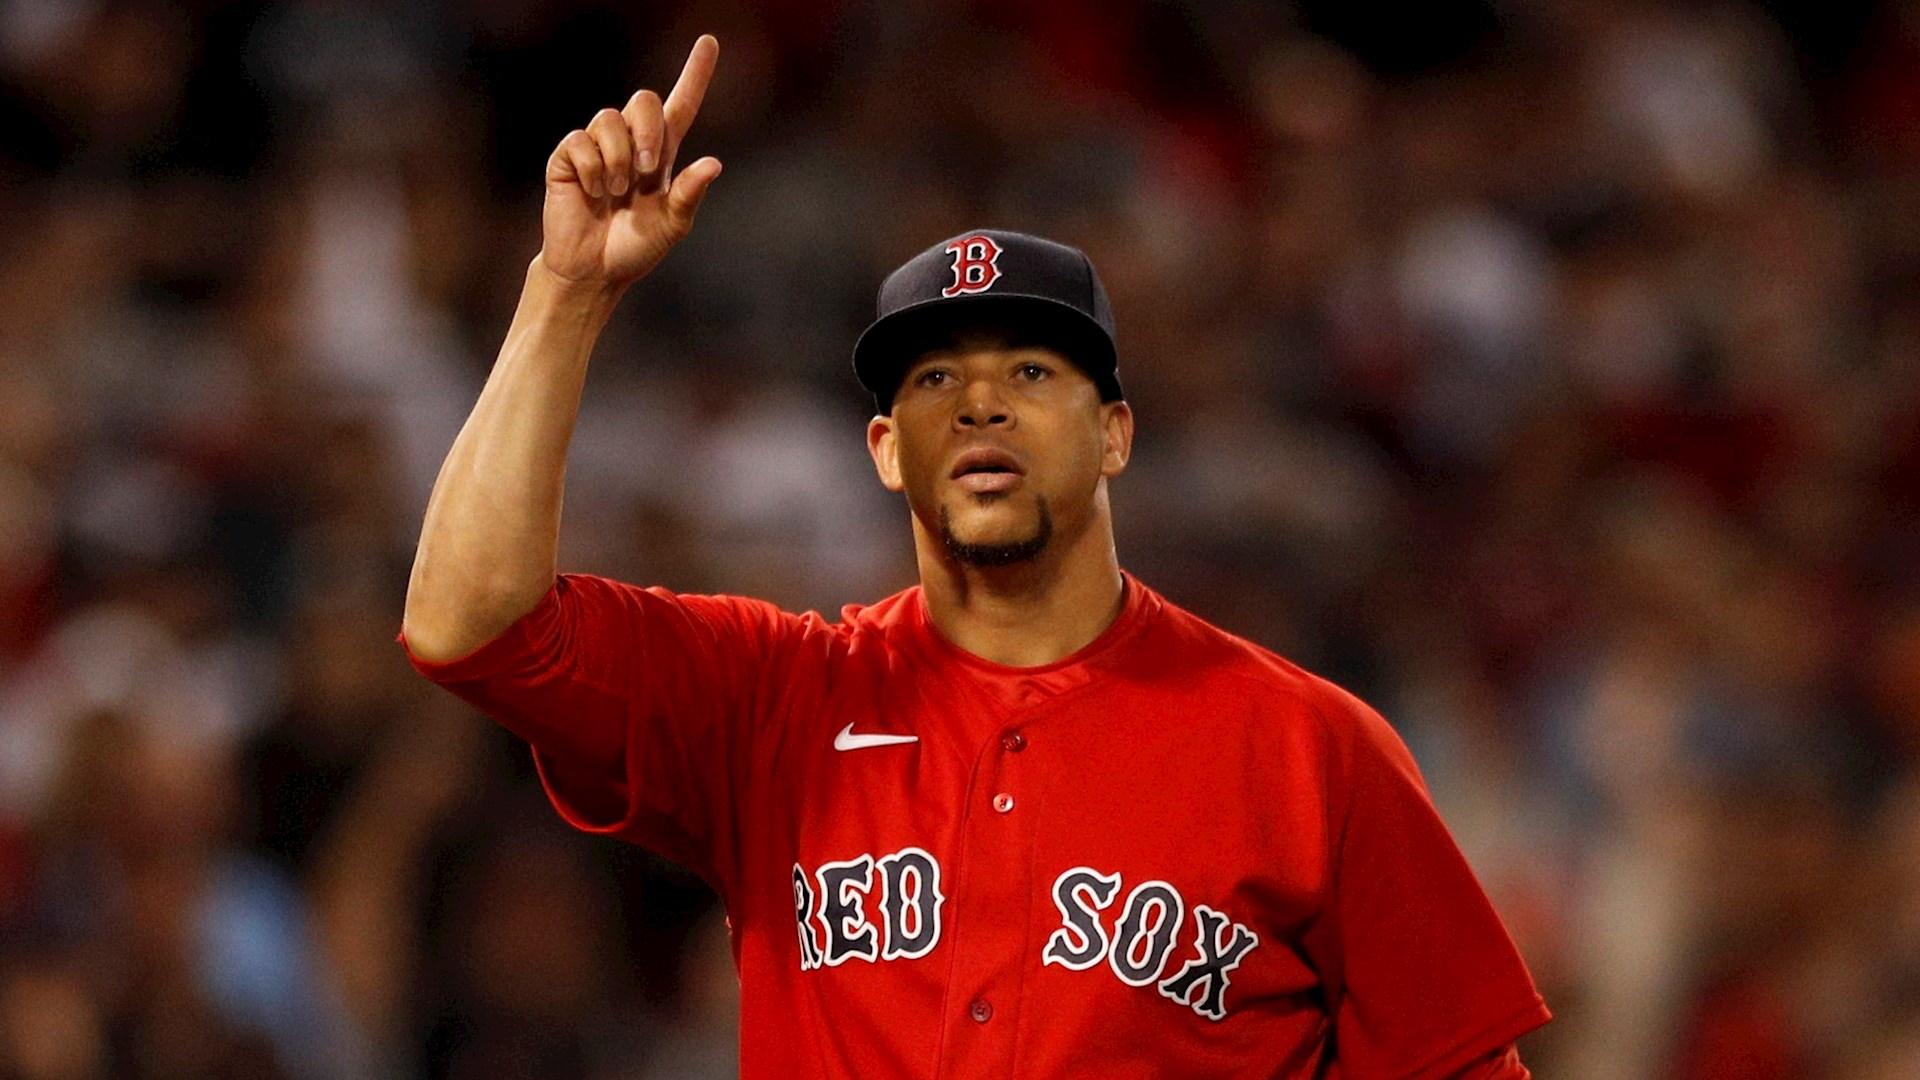 Red Sox de Boston partido Yankees